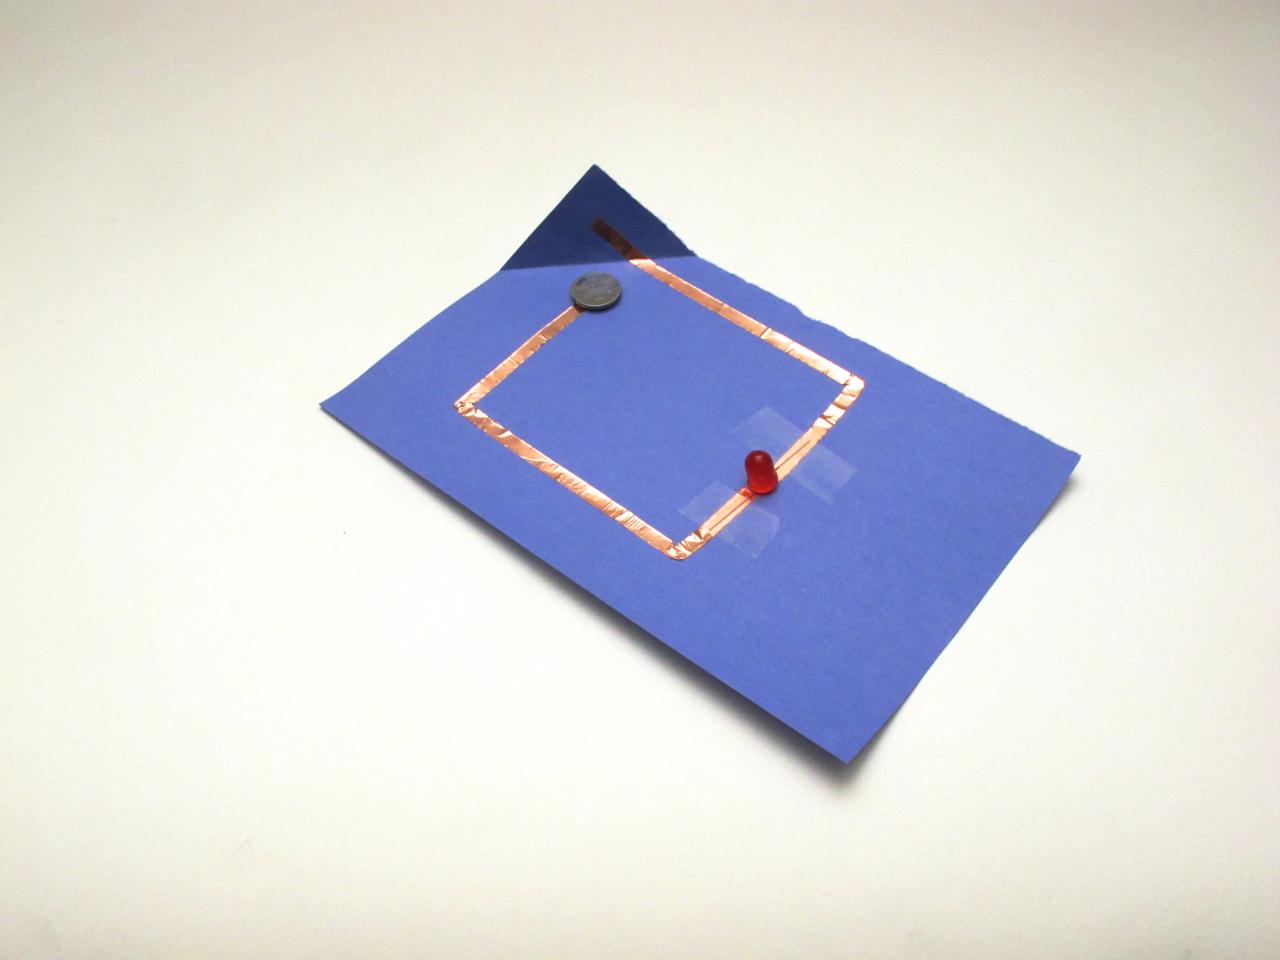 Simple Paper Circuit